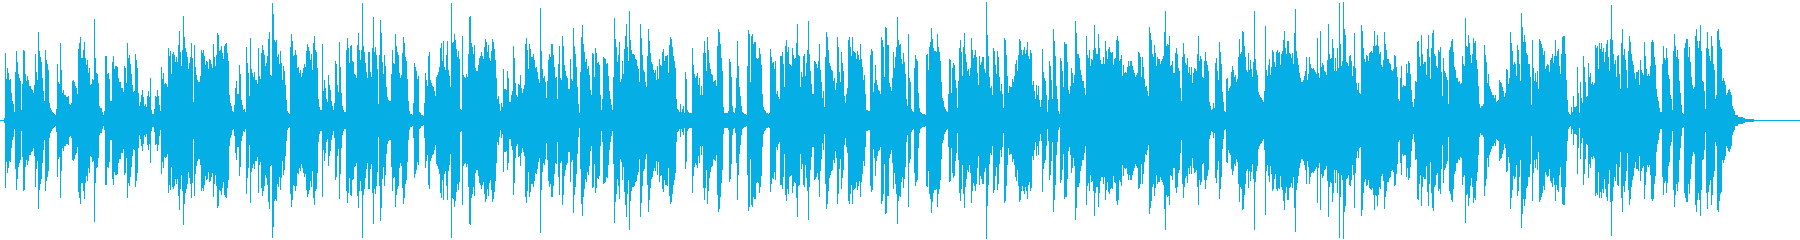 おとぼけ コミカル まぬけ お笑いBGMの再生済みの波形